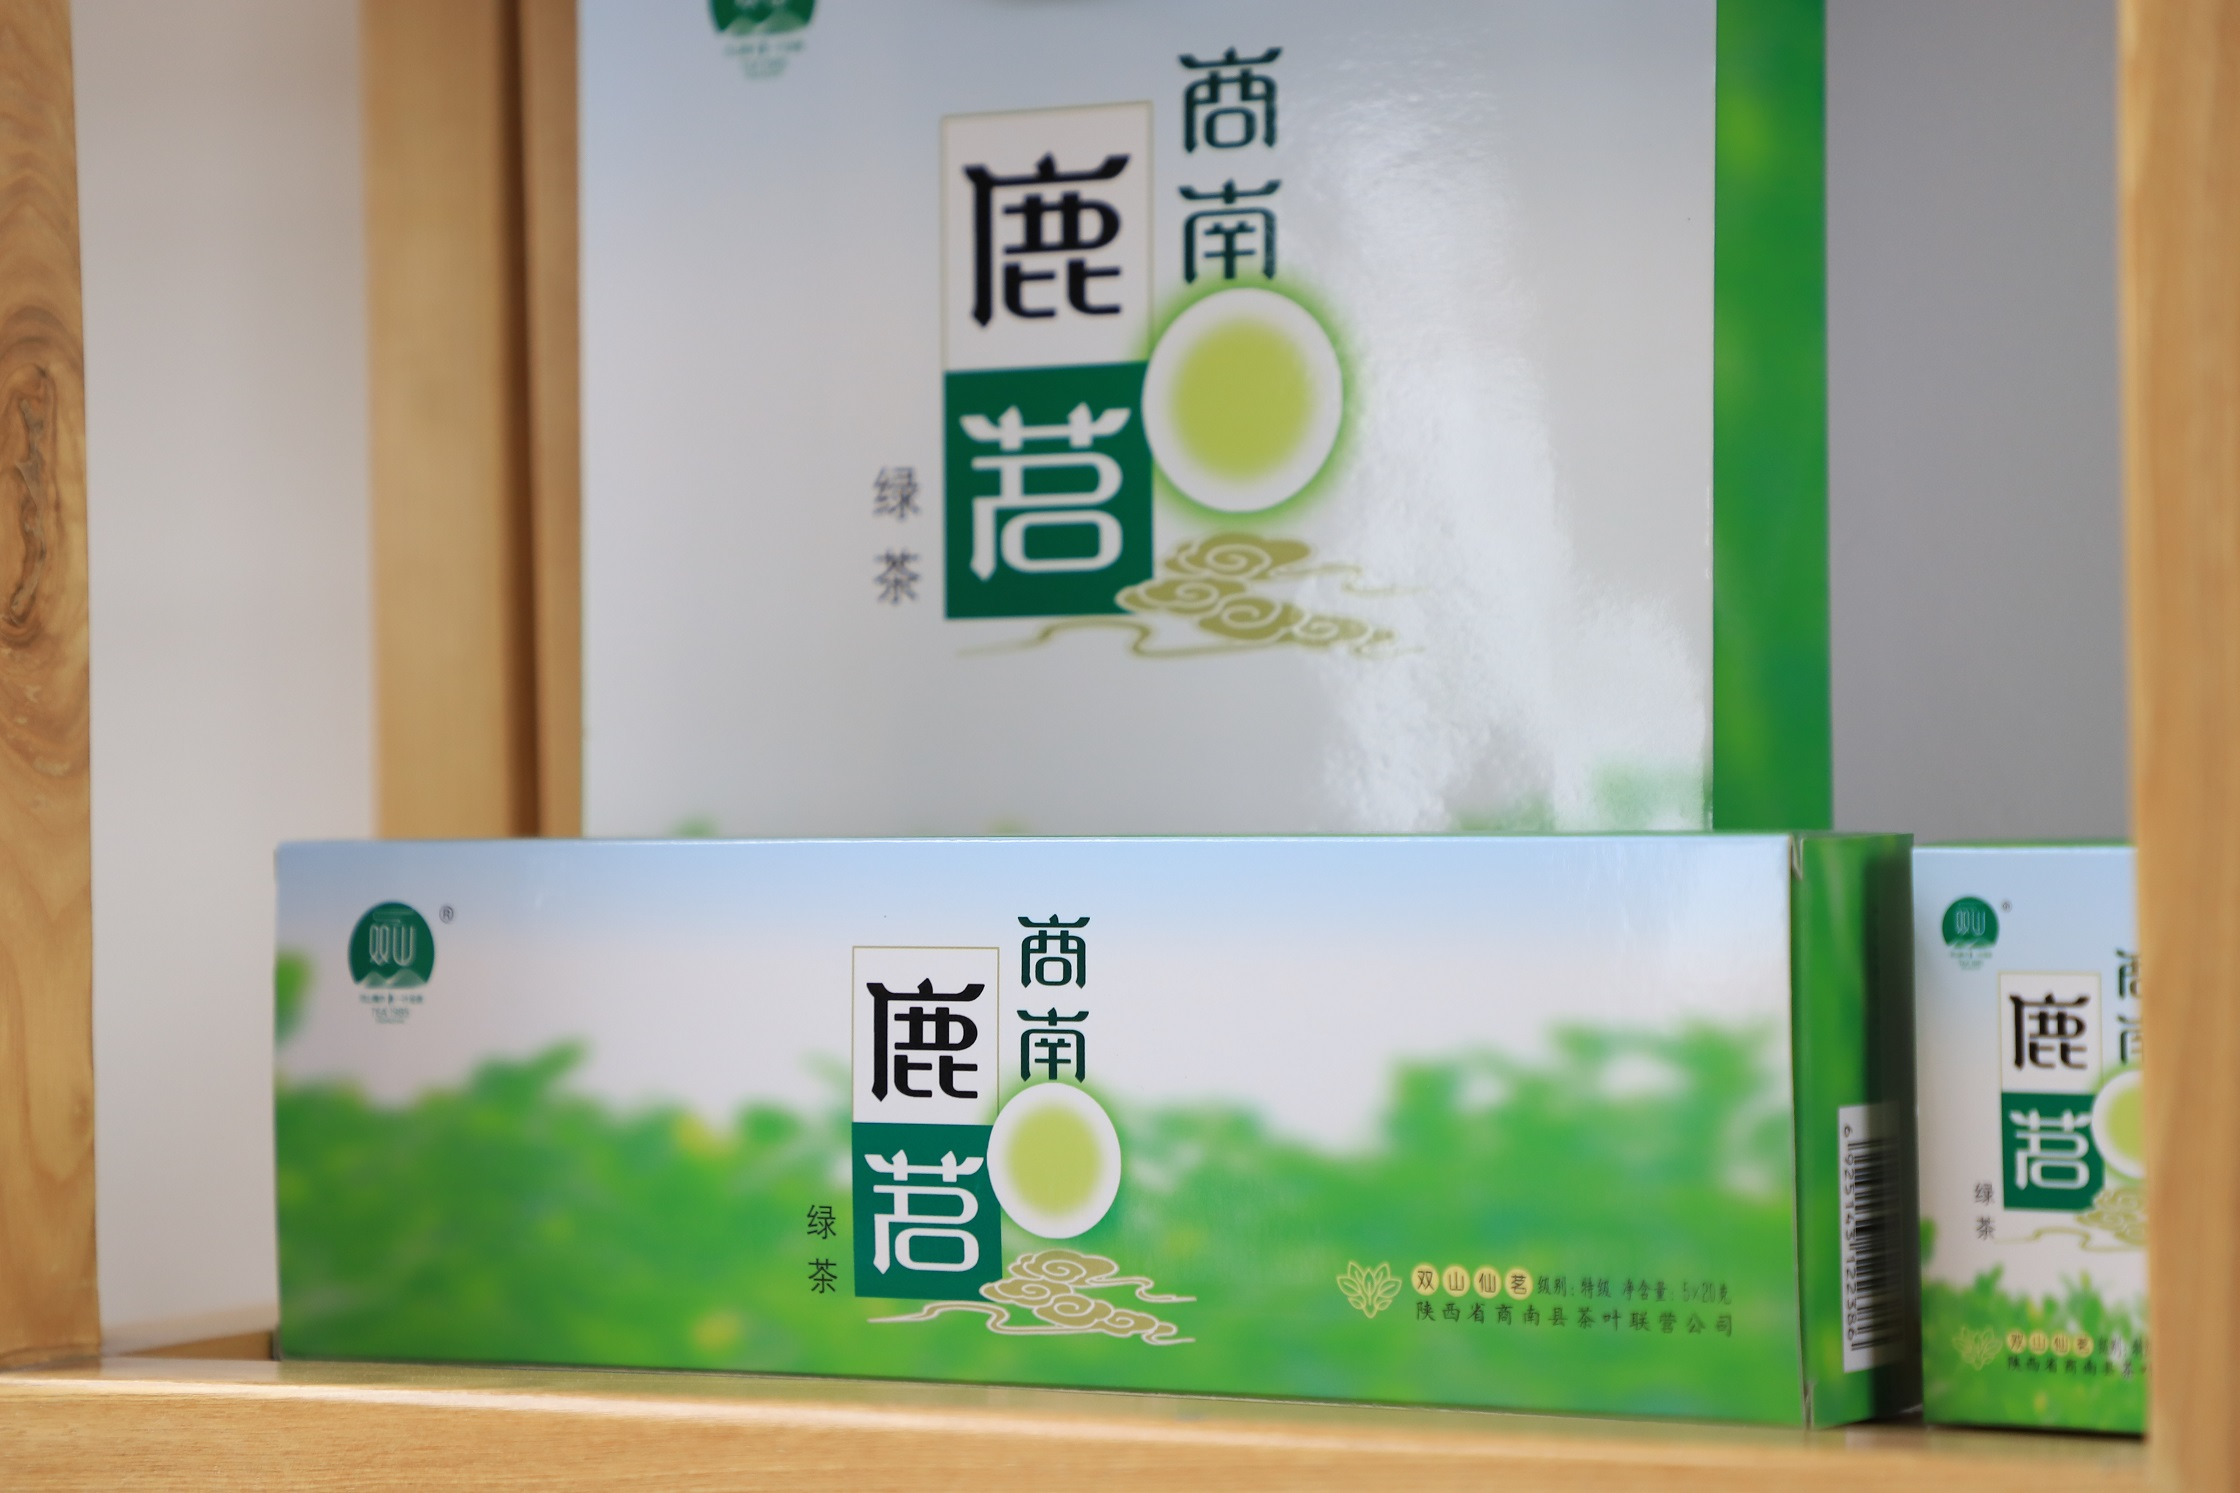 陕西省商南县茶叶联营公司产品